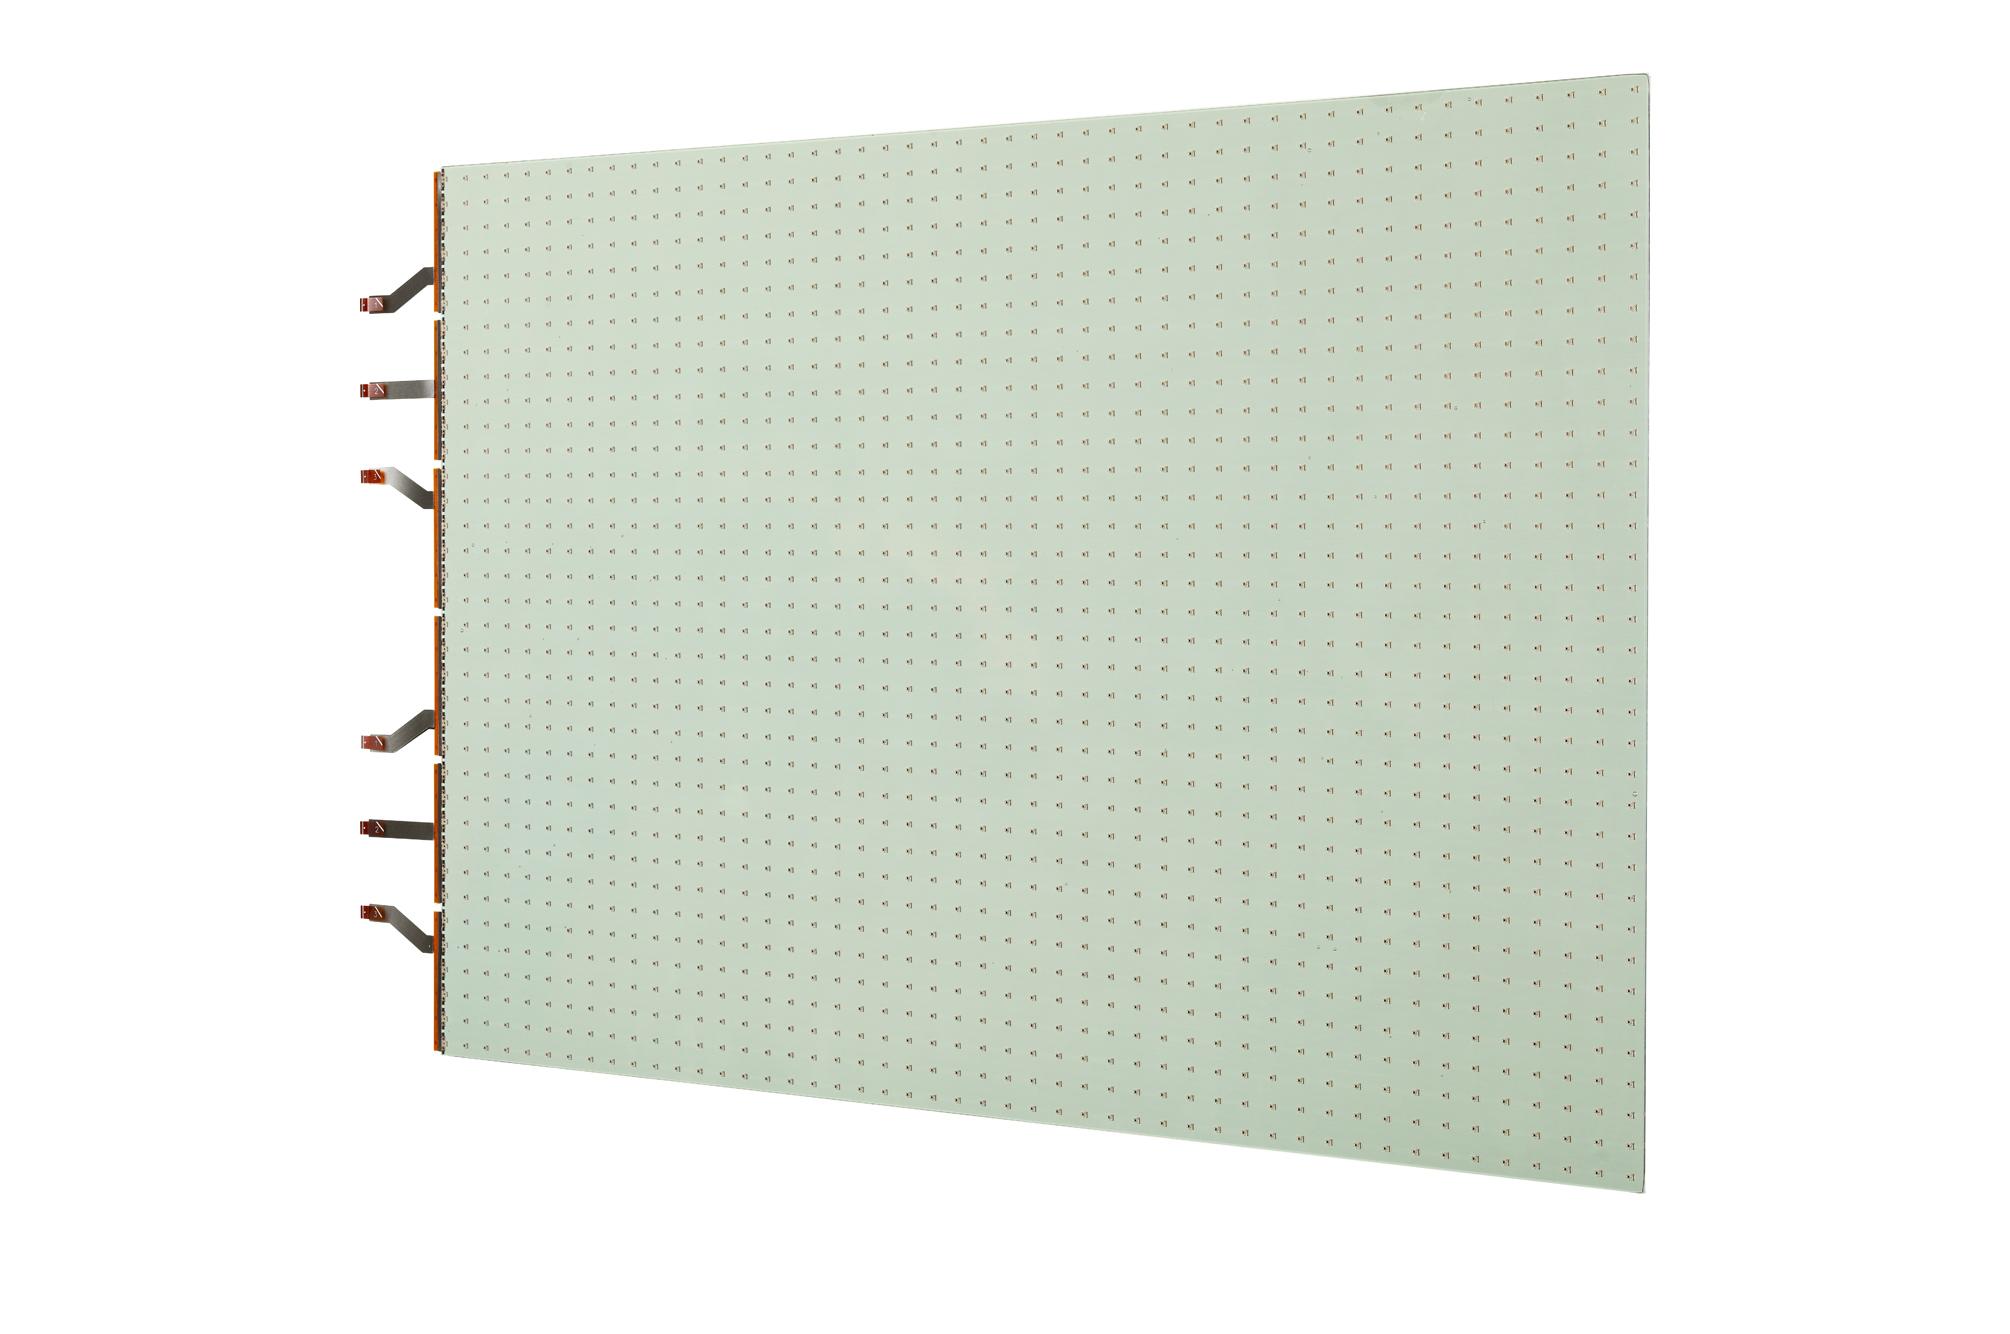 LG Transparent LED Film LAT140 2